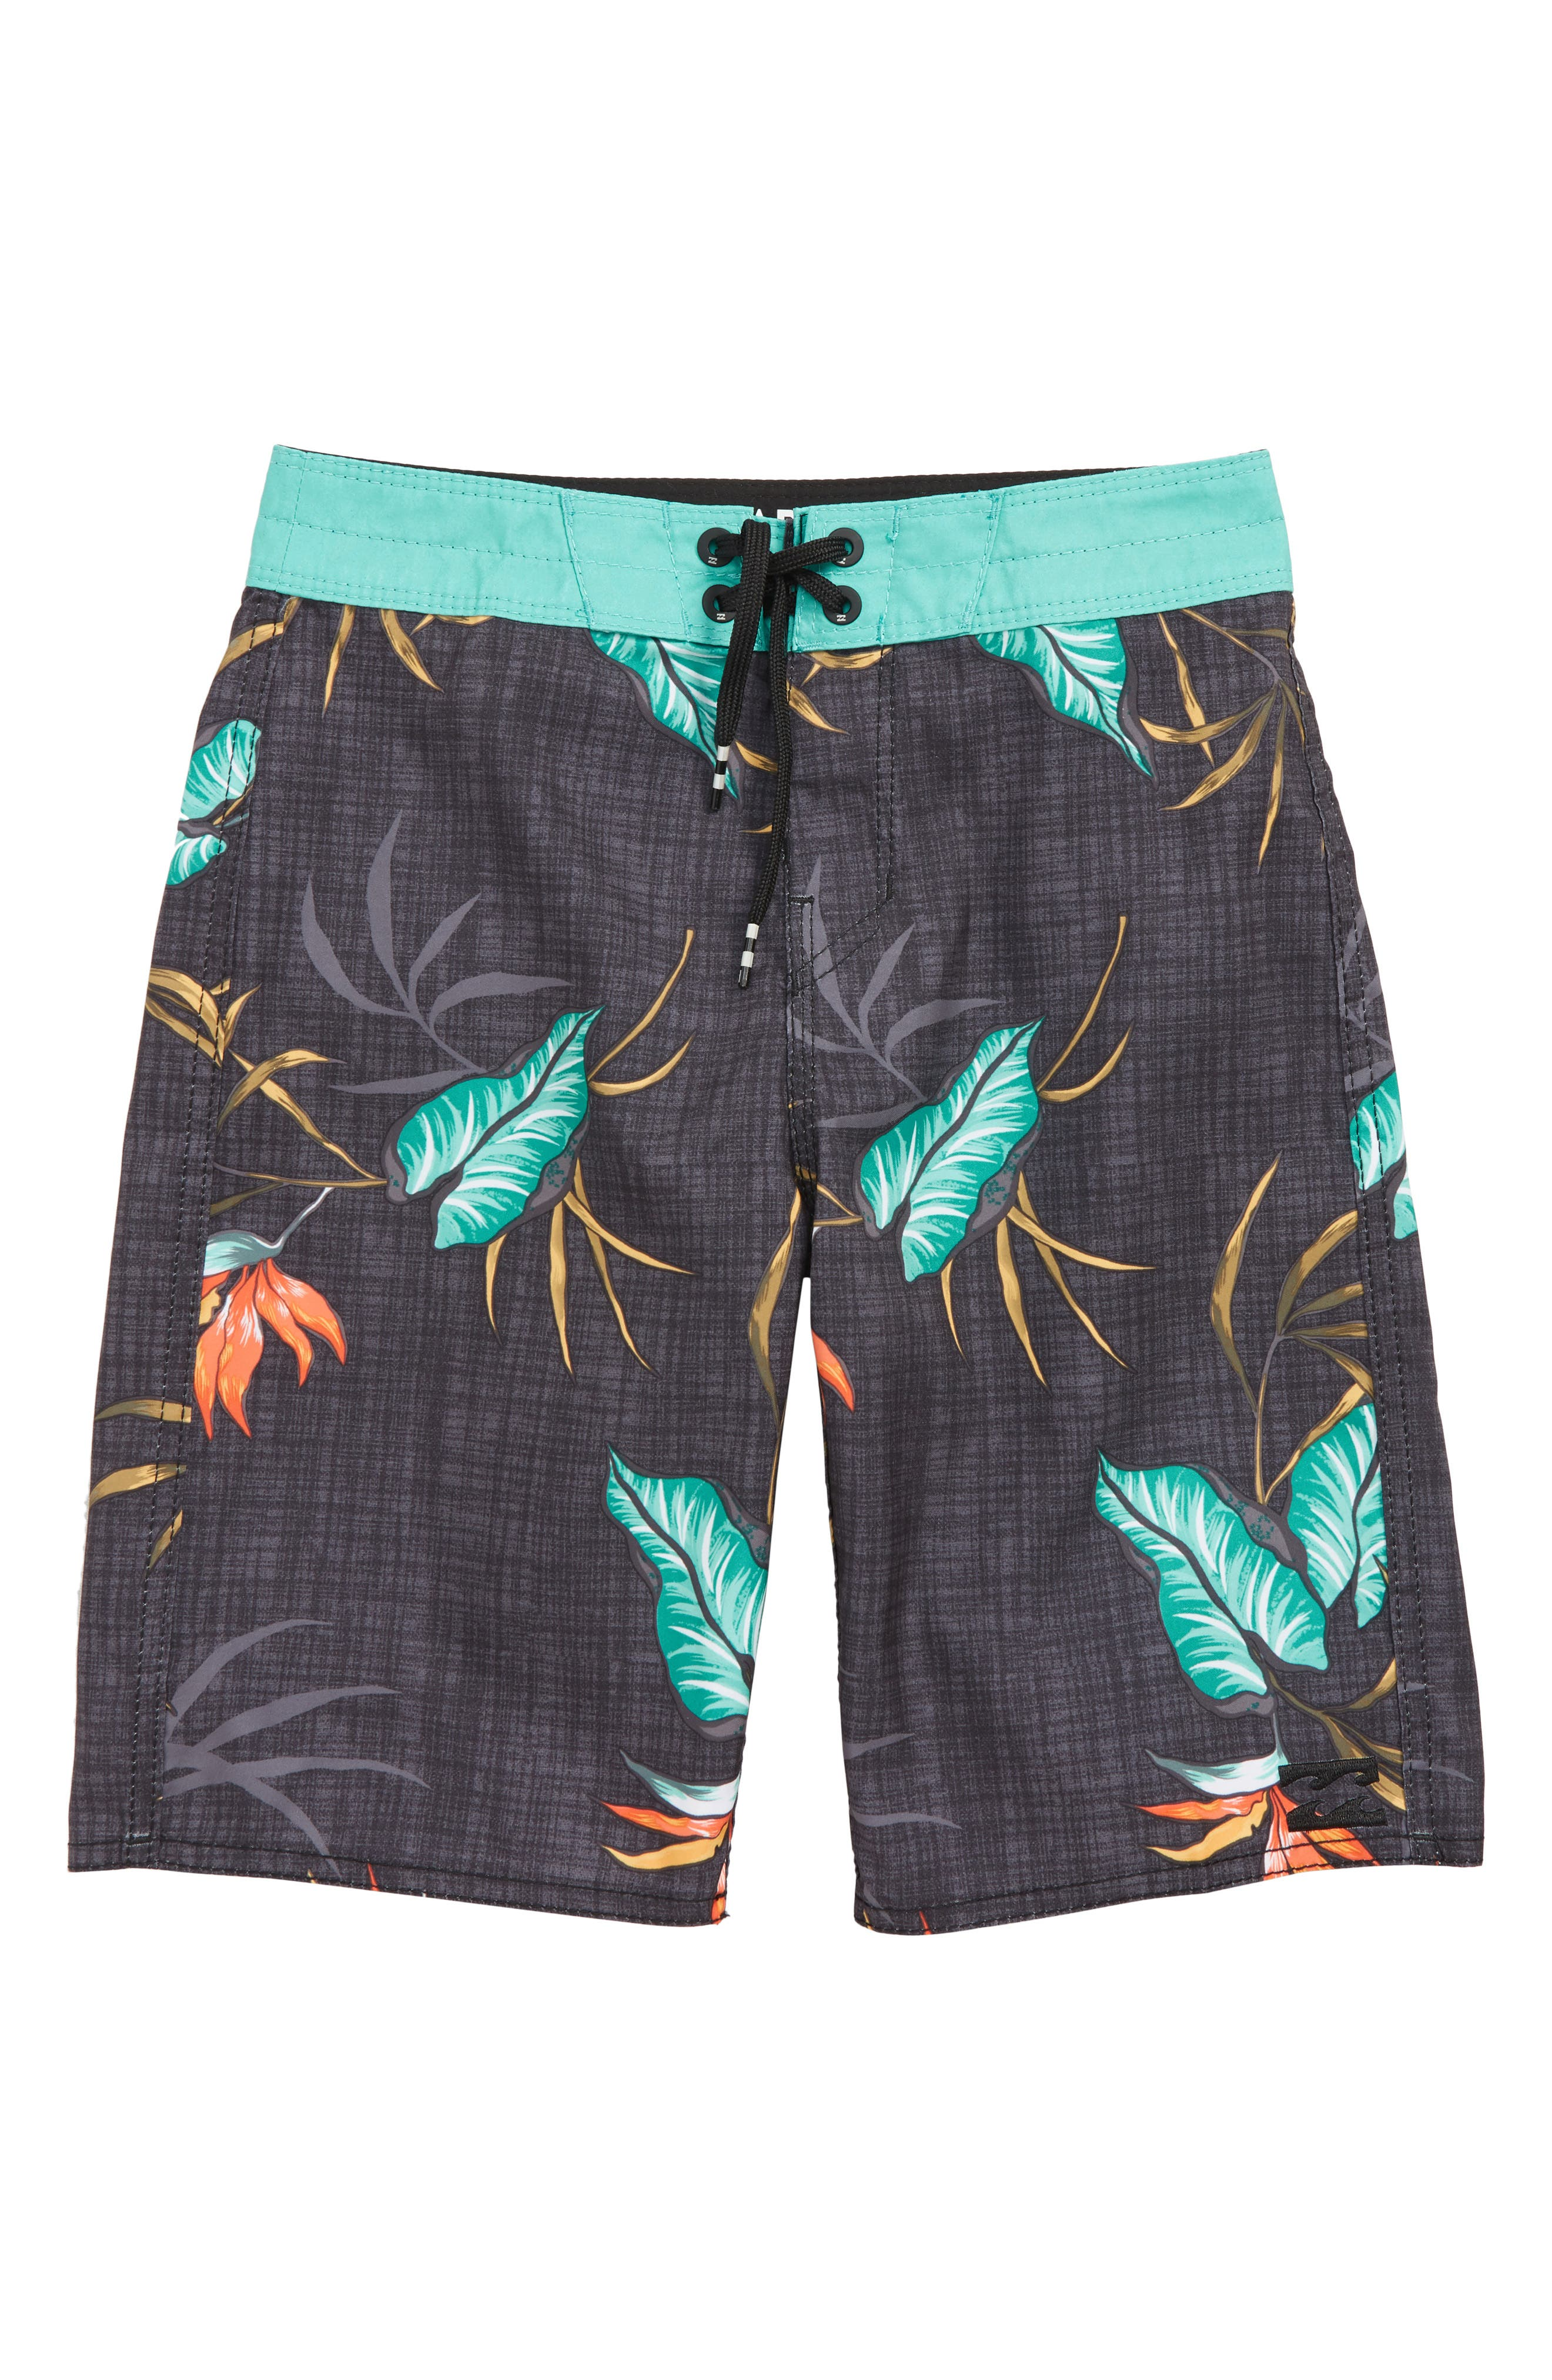 Sundays Board Shorts,                             Main thumbnail 1, color,                             BLACK MULTI